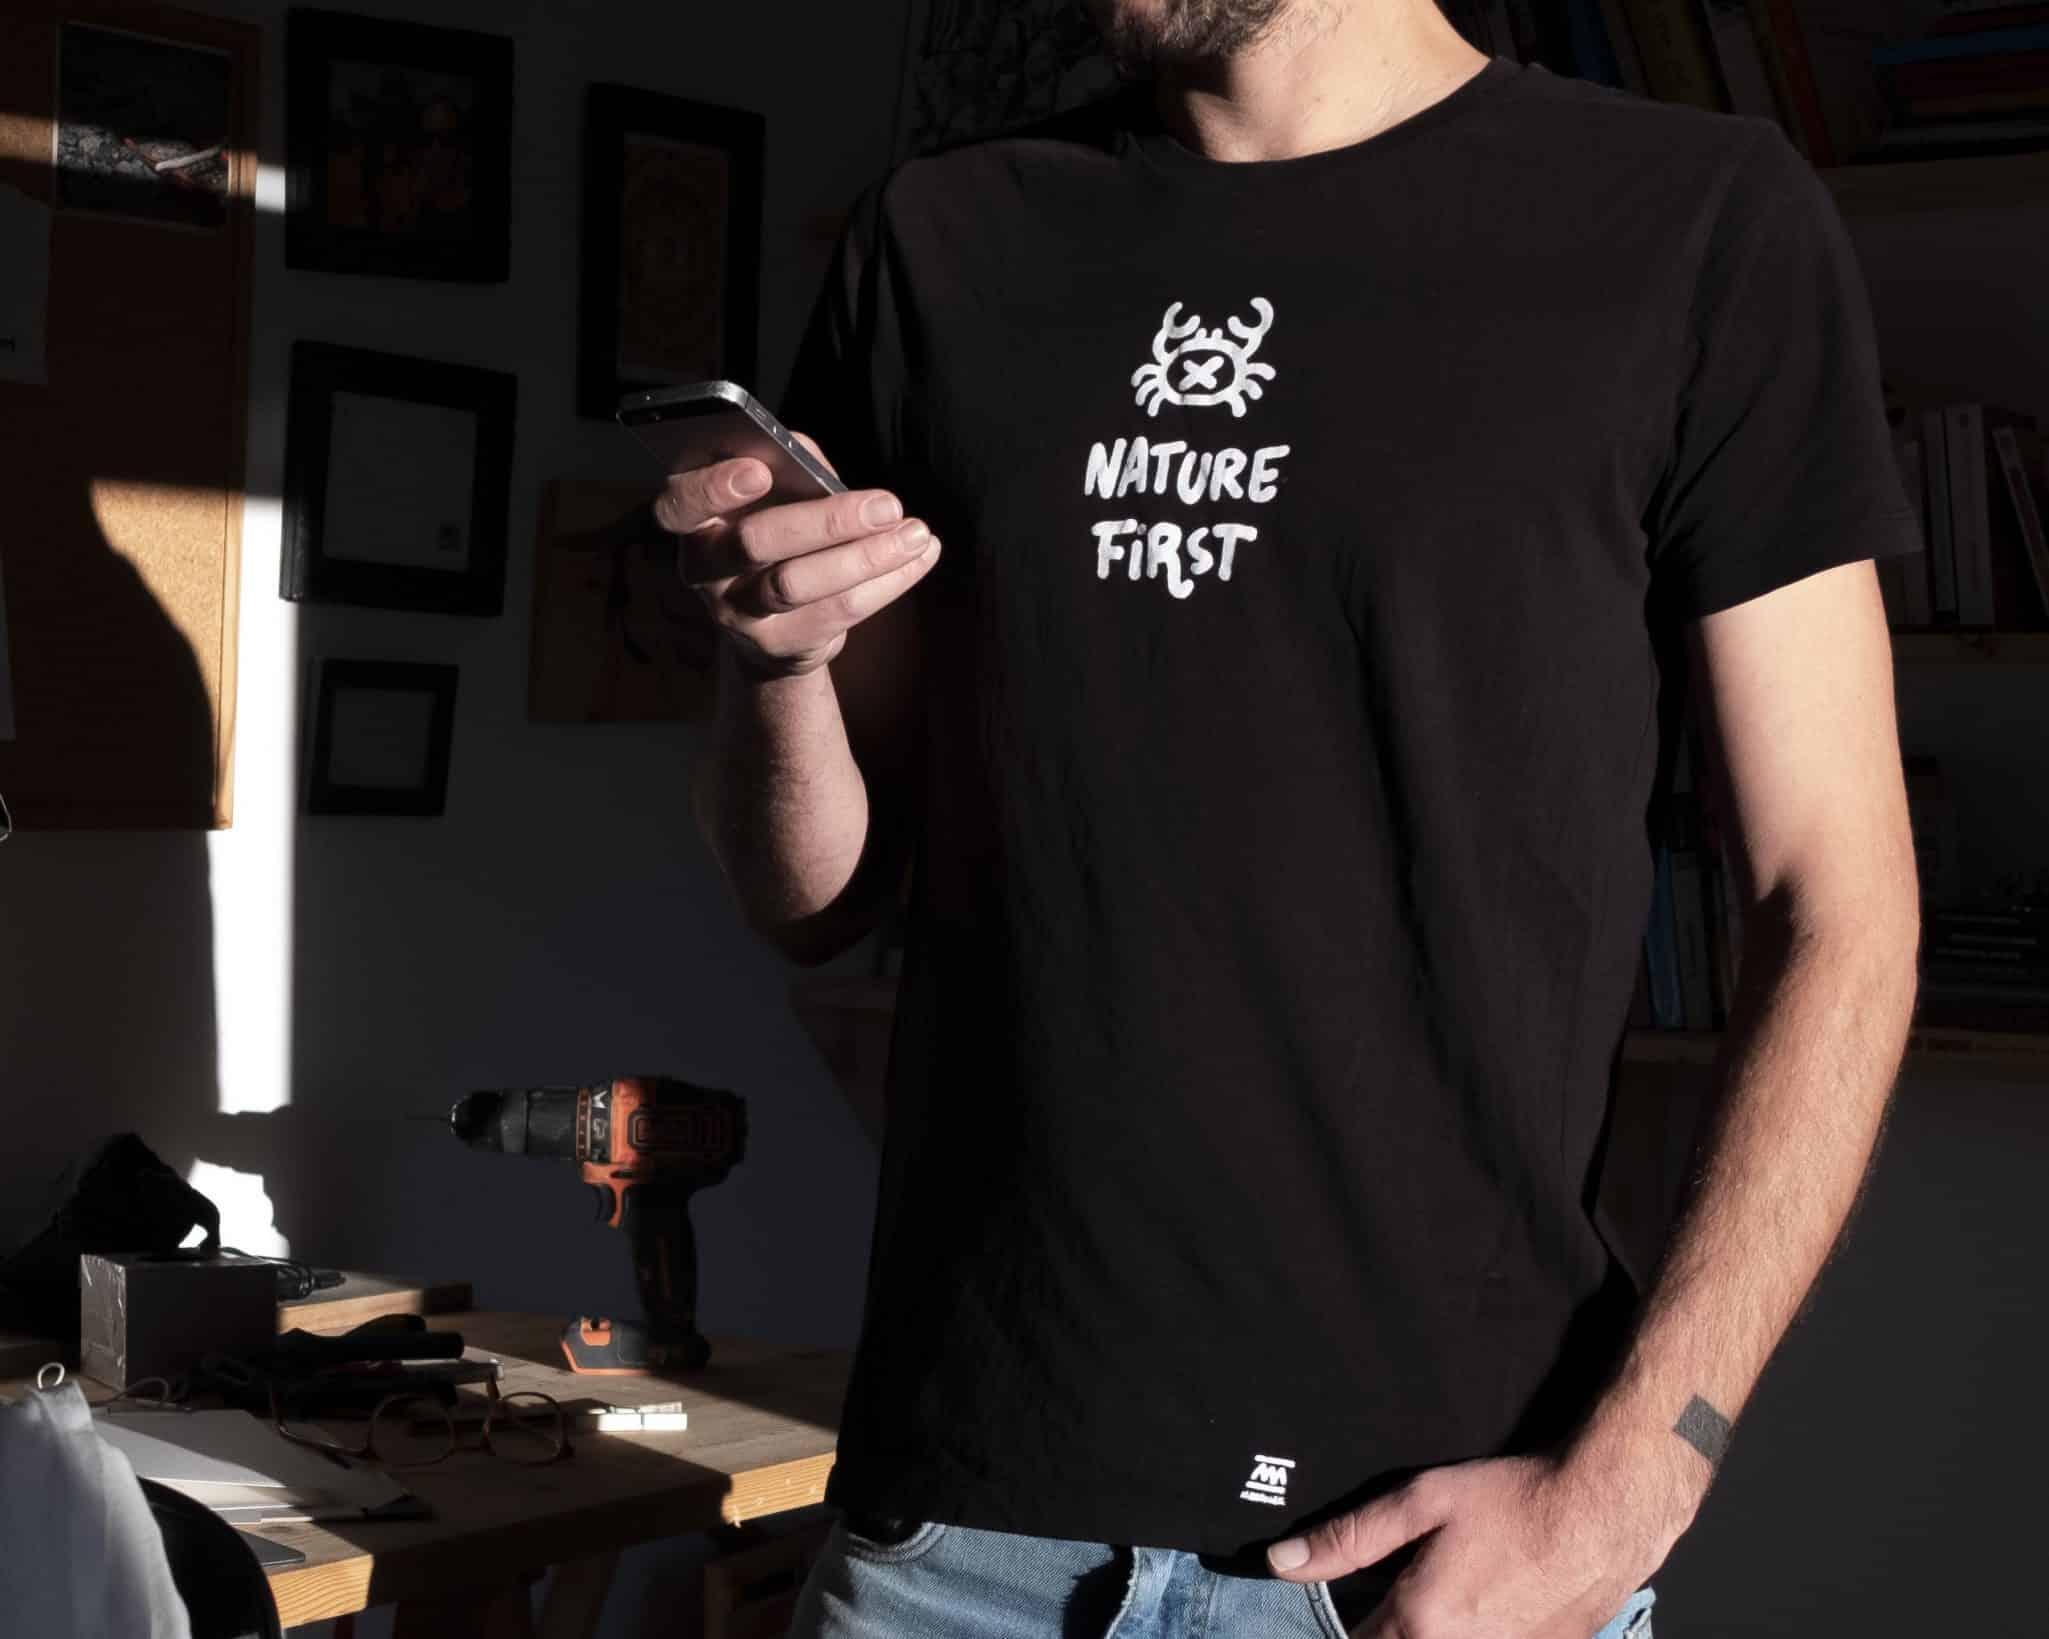 Diseño de camiseta negra para hombre y mujer Nature first el cangrejo edition